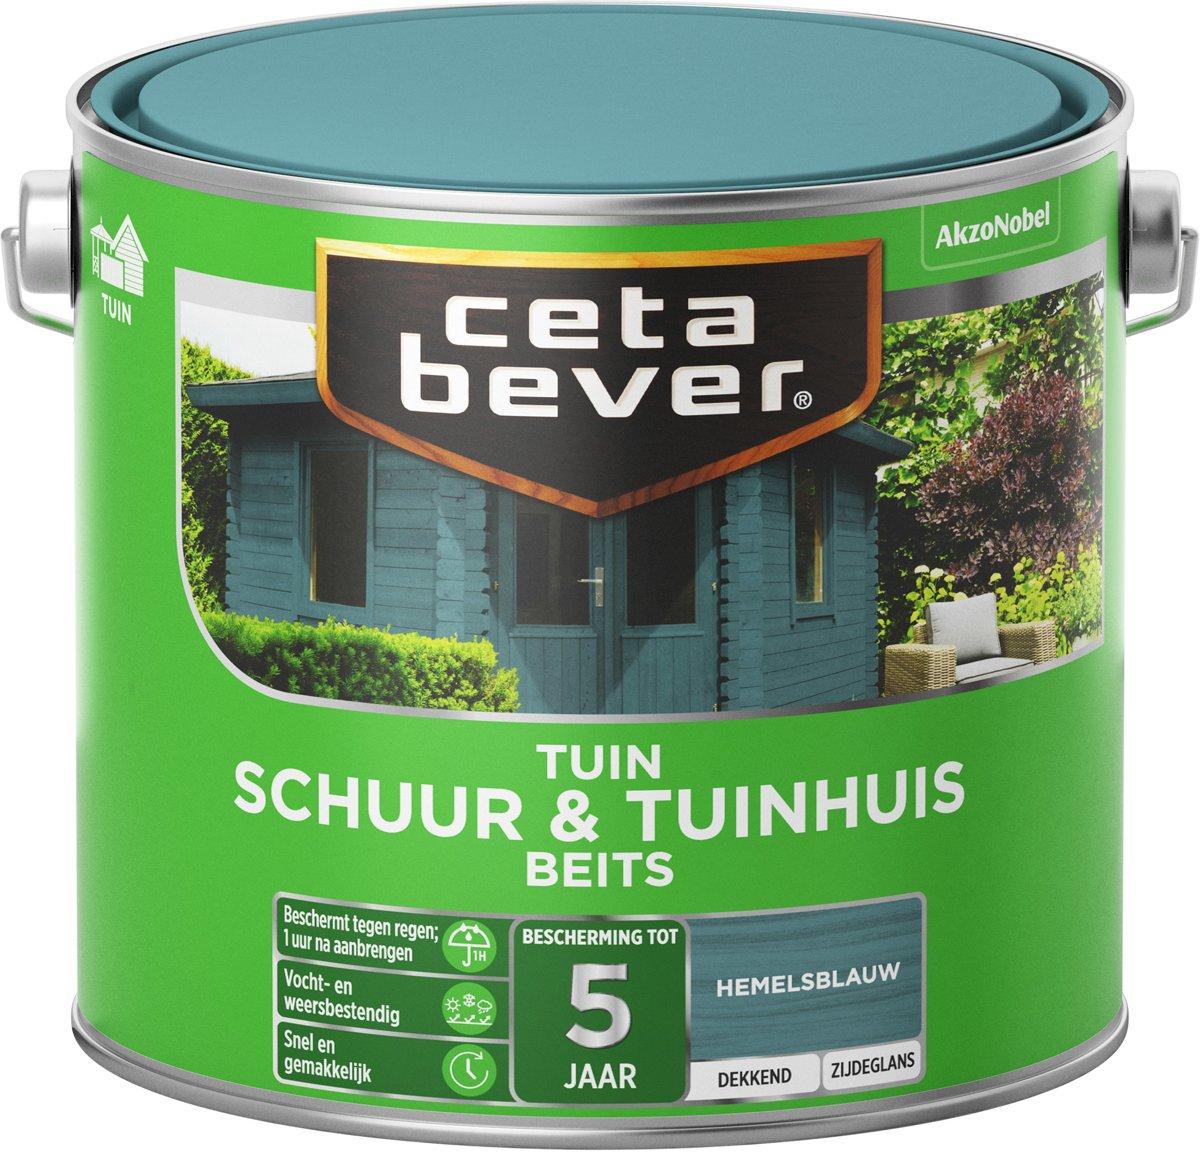 Cetabever Schuur & Tuinhuis Beits - Dekkend - Hemelsblauw - 2,5 L